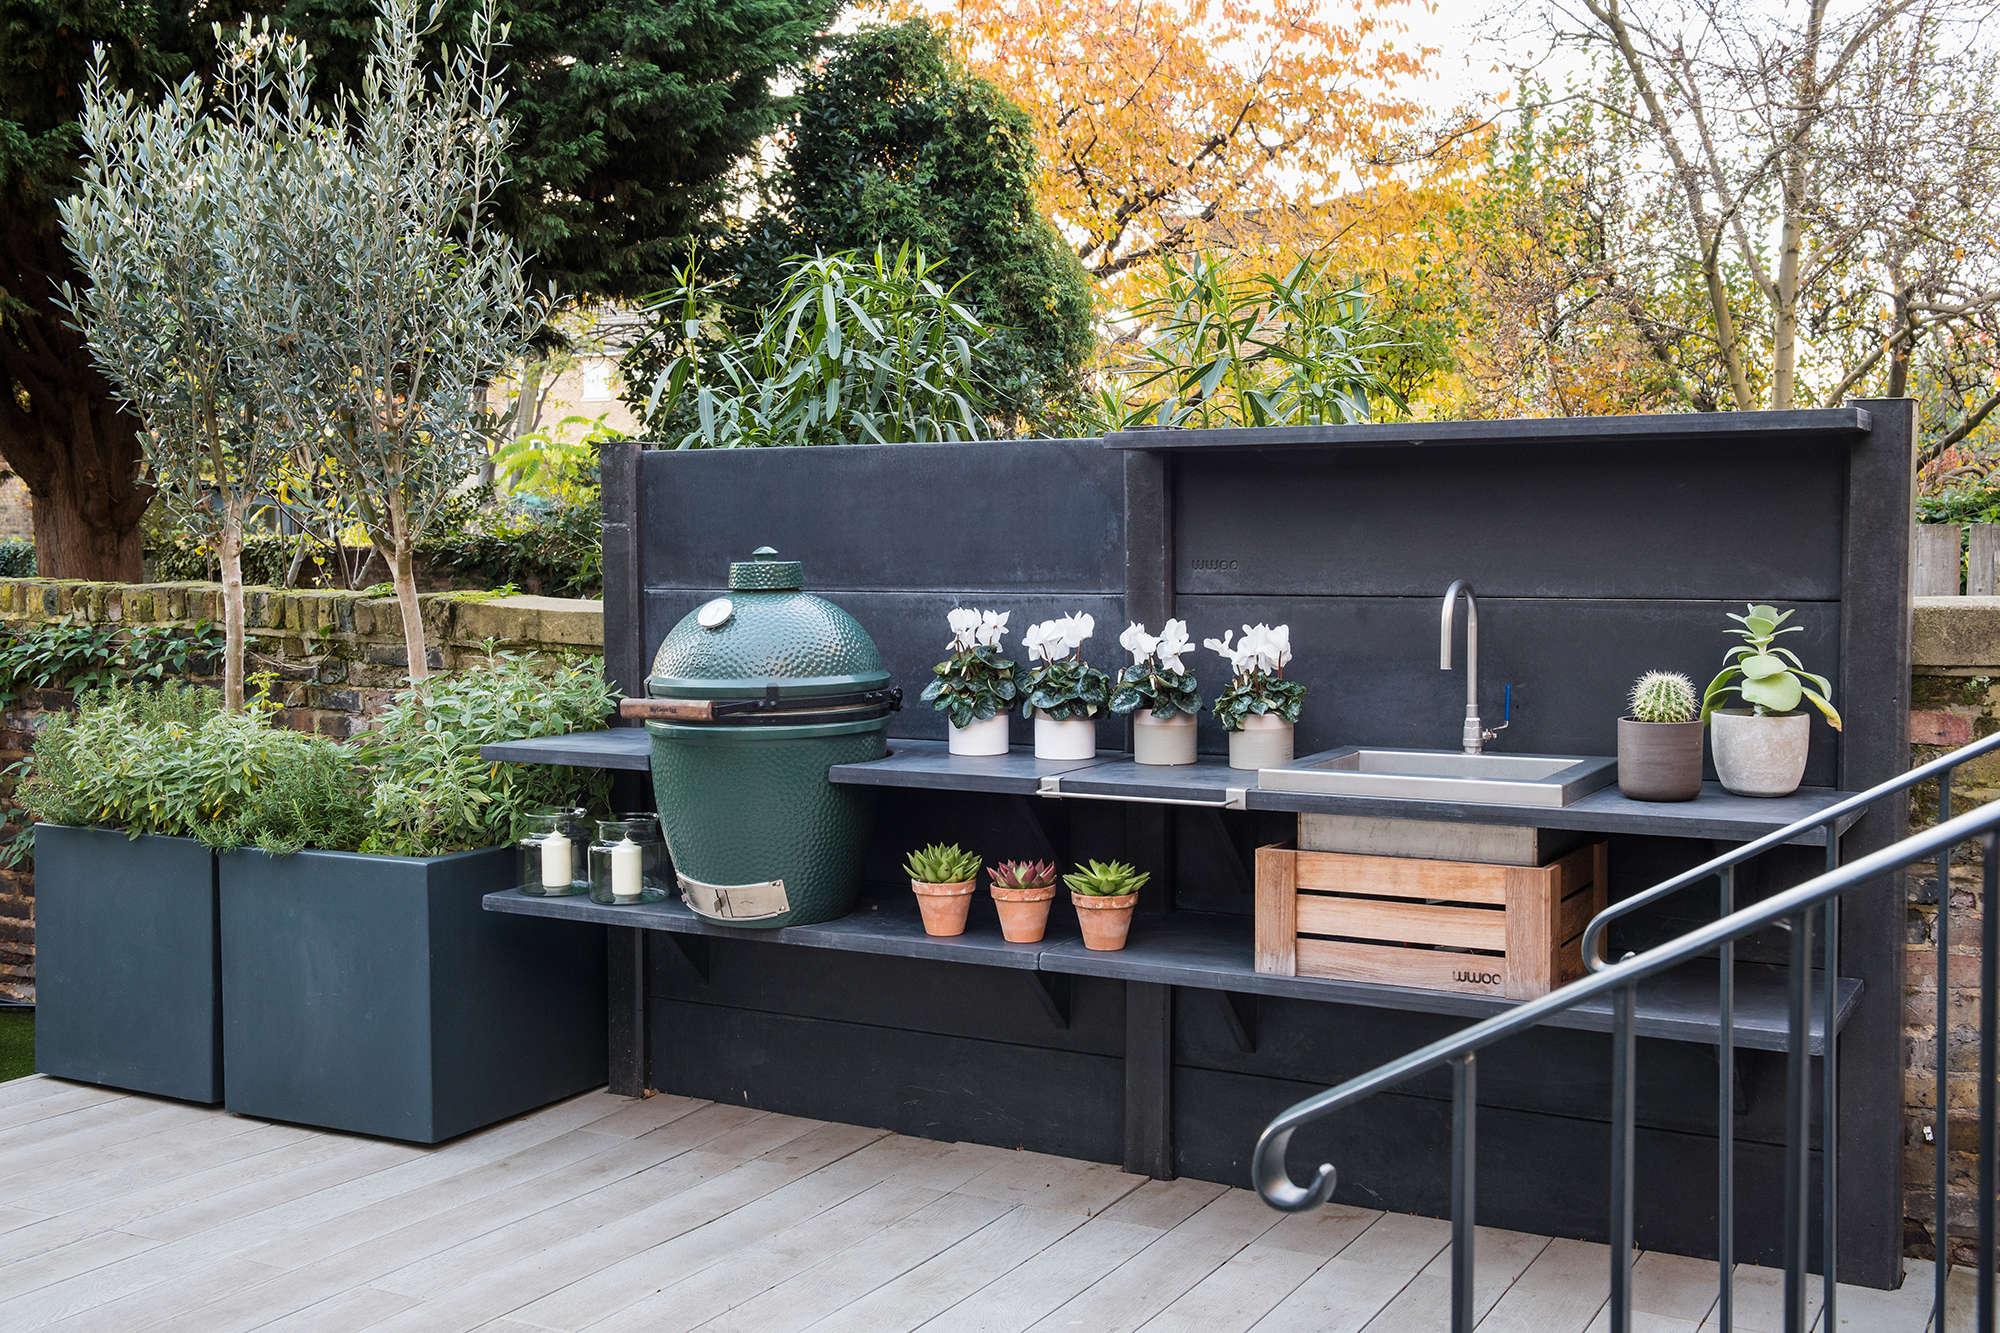 Outdoor-kitchen-design-London - Garden Club London